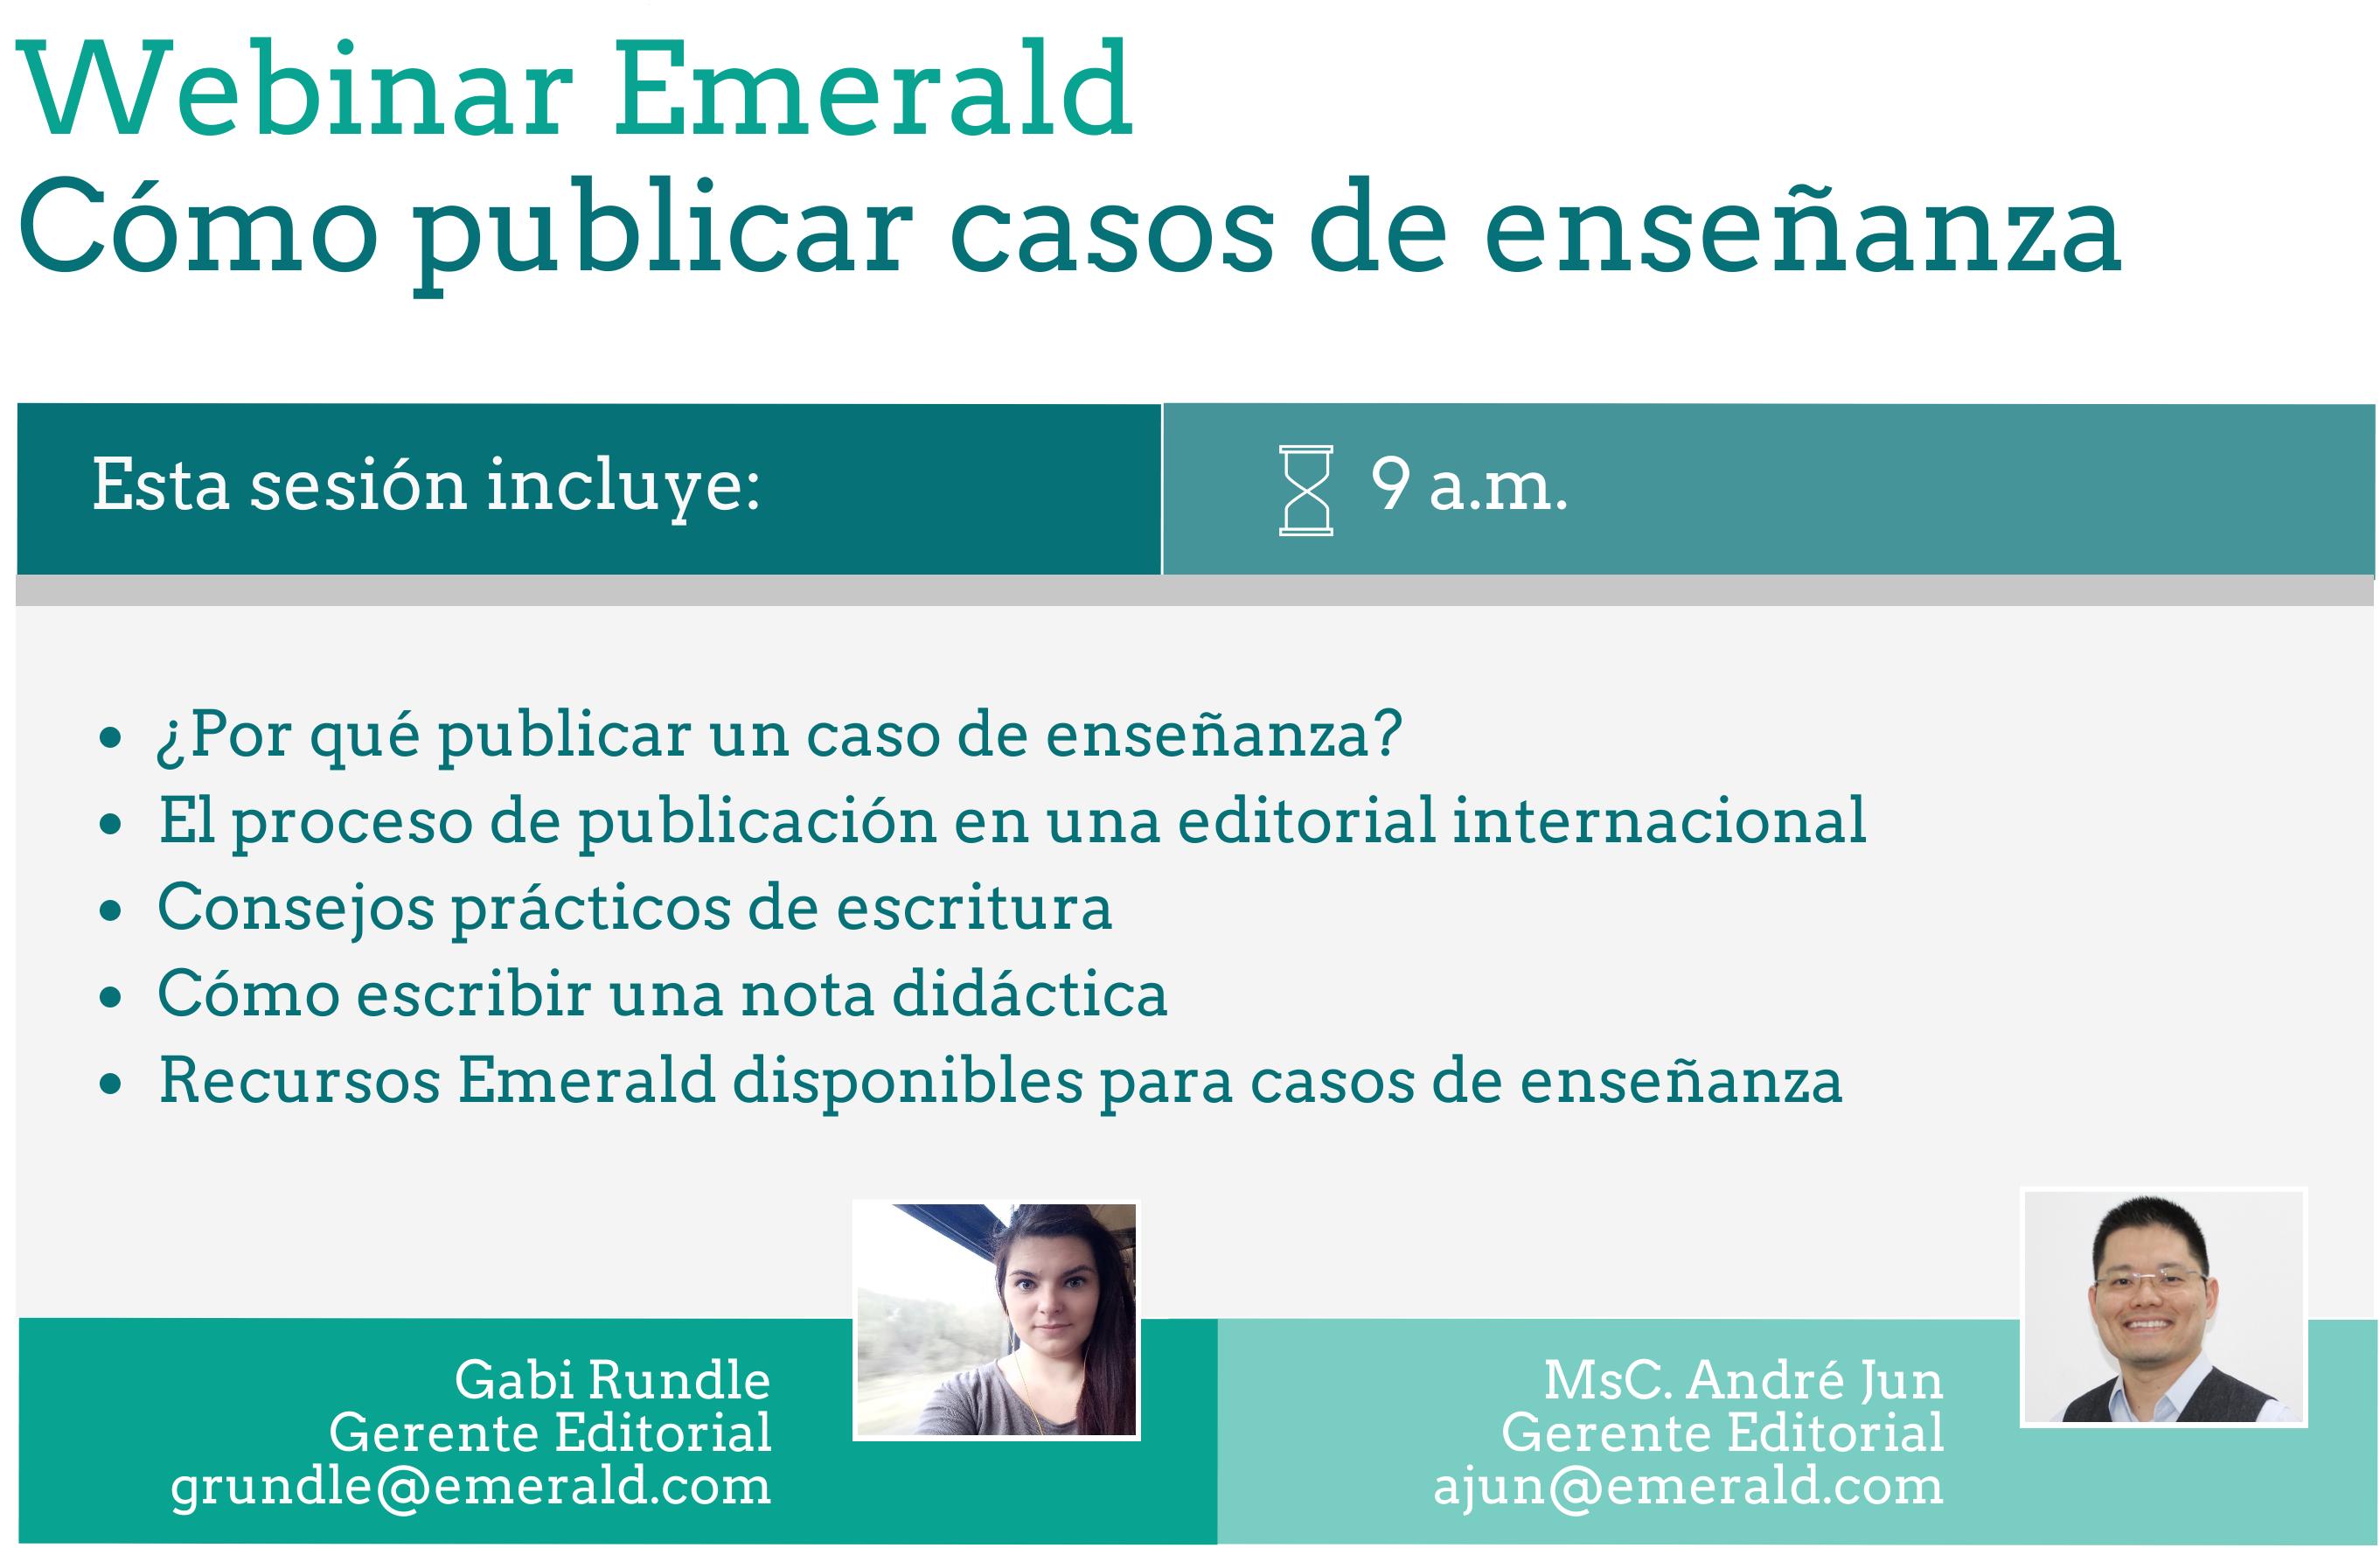 Webinar Emerald: 'Como publicar casos de enseñanza'